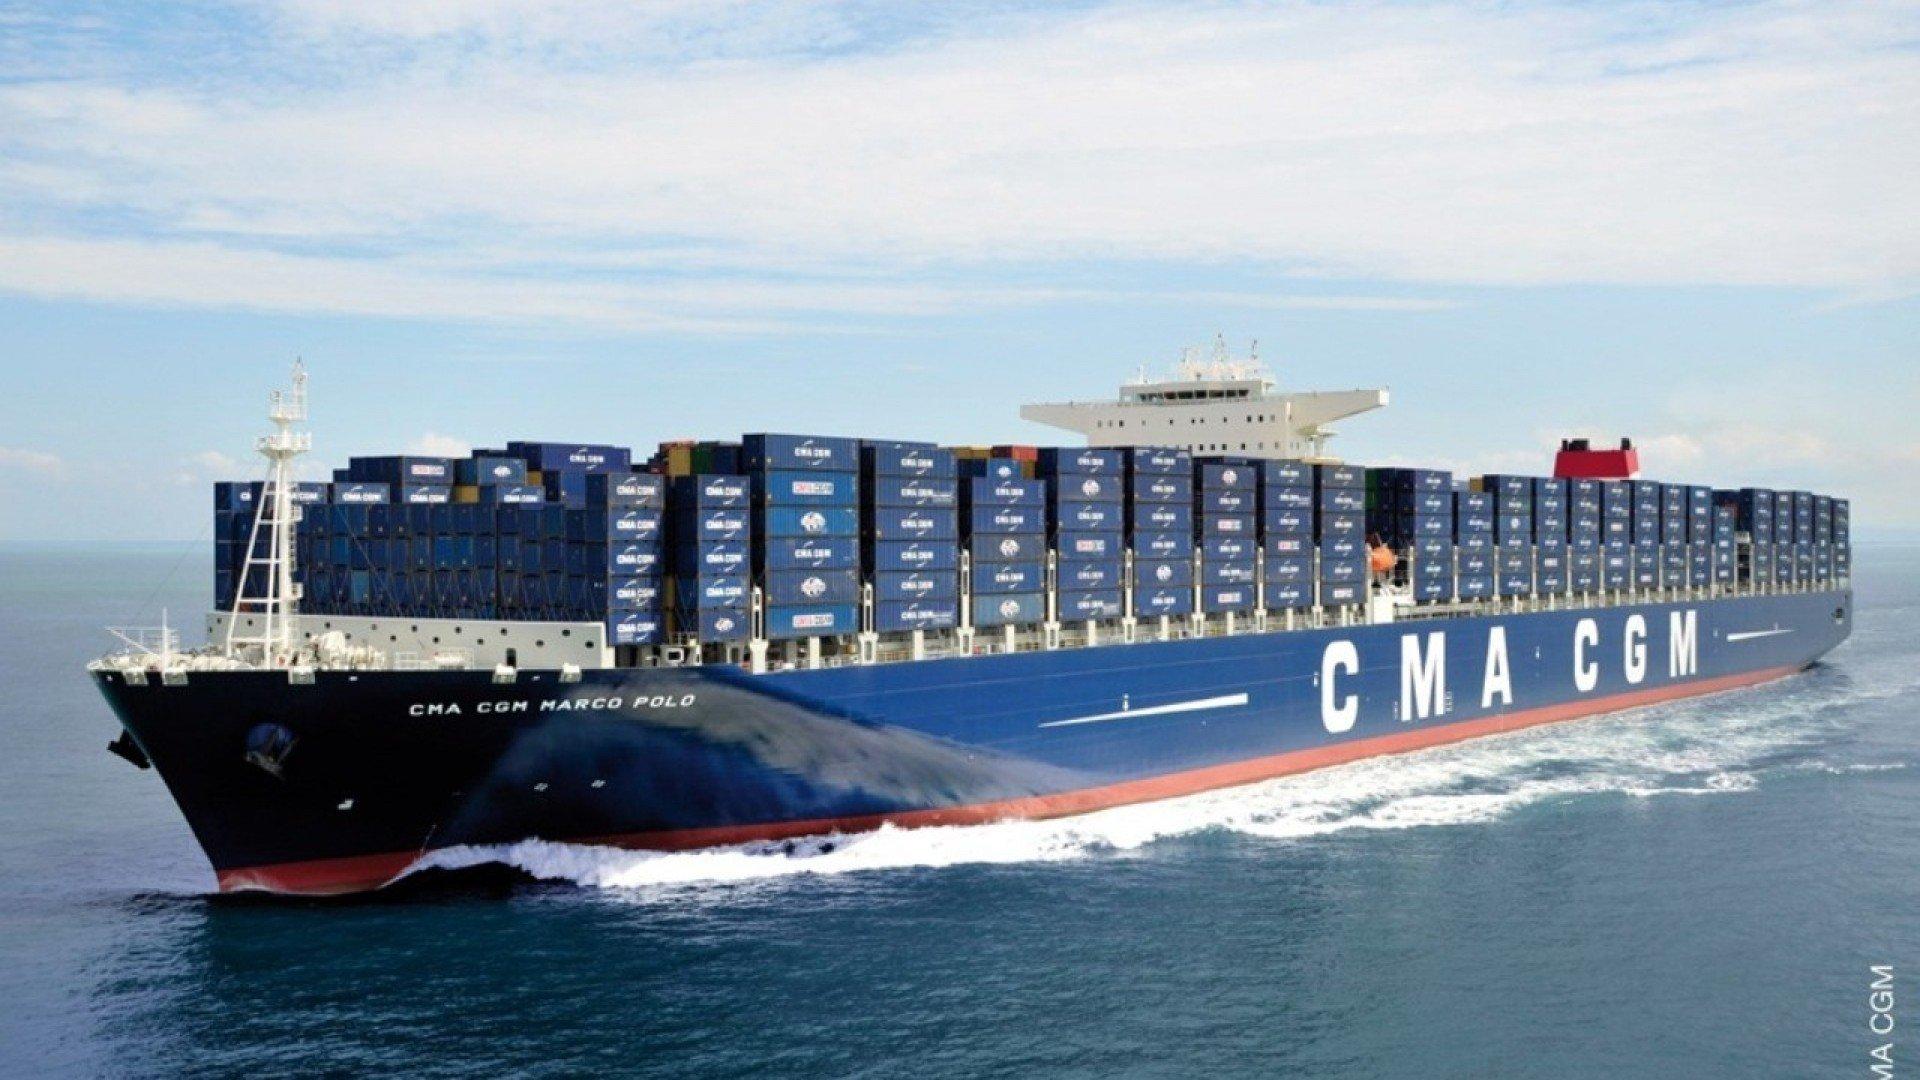 CARGO SHIP boat transport wallpaper | 1920x1080 | 458237 ...